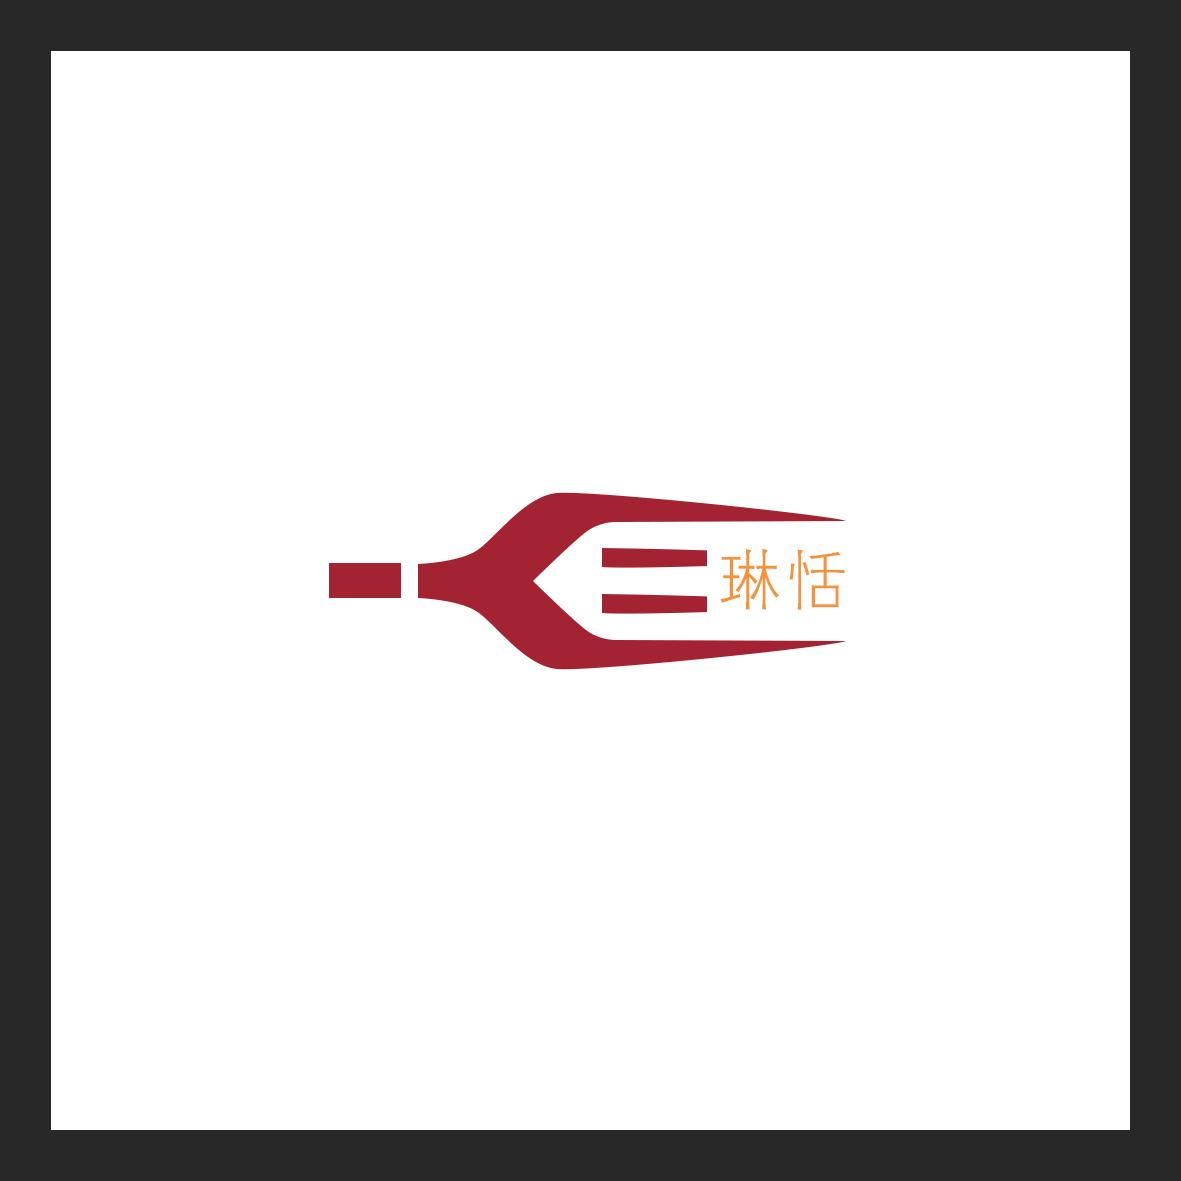 西餐与中餐logo设计图片